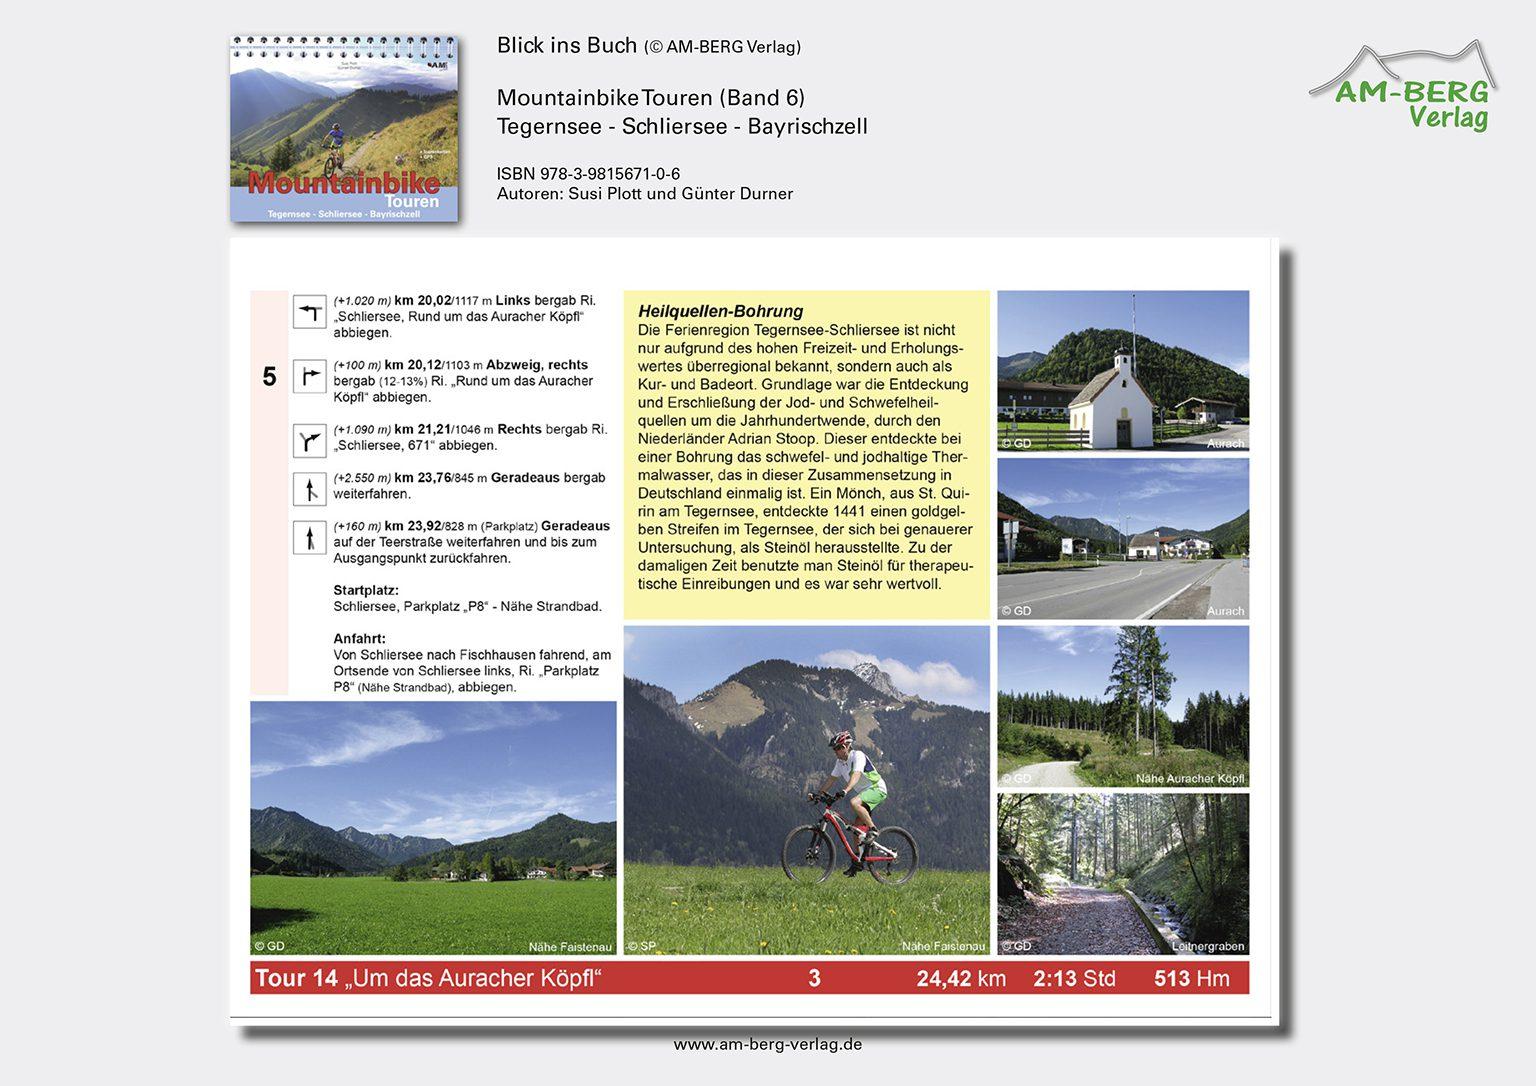 Mountainbike Touren Tegernsee-Schliersee-Bayrischzell (Band 6)_BlickinsBuch10